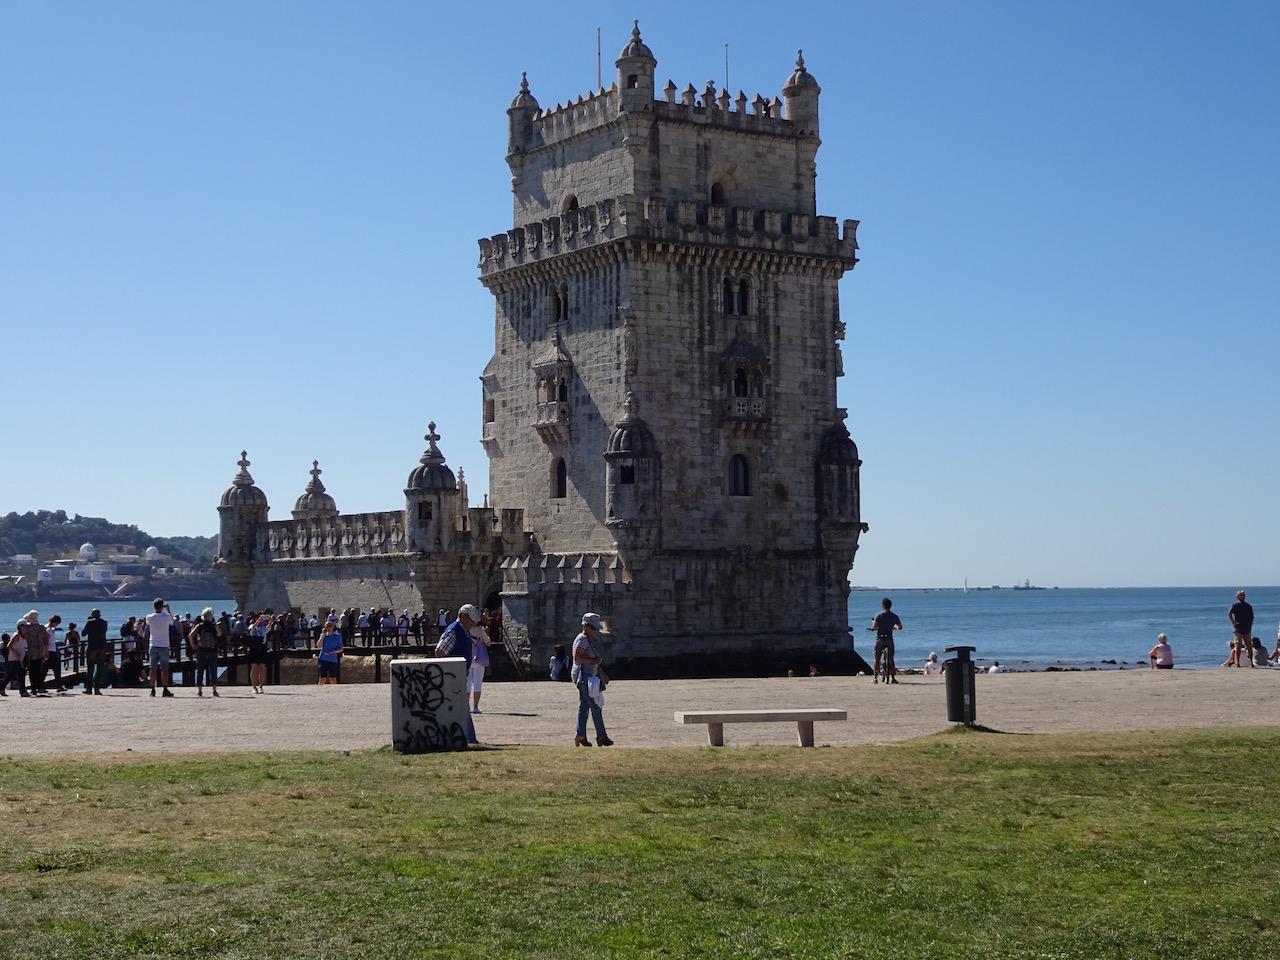 der Torre de Belem